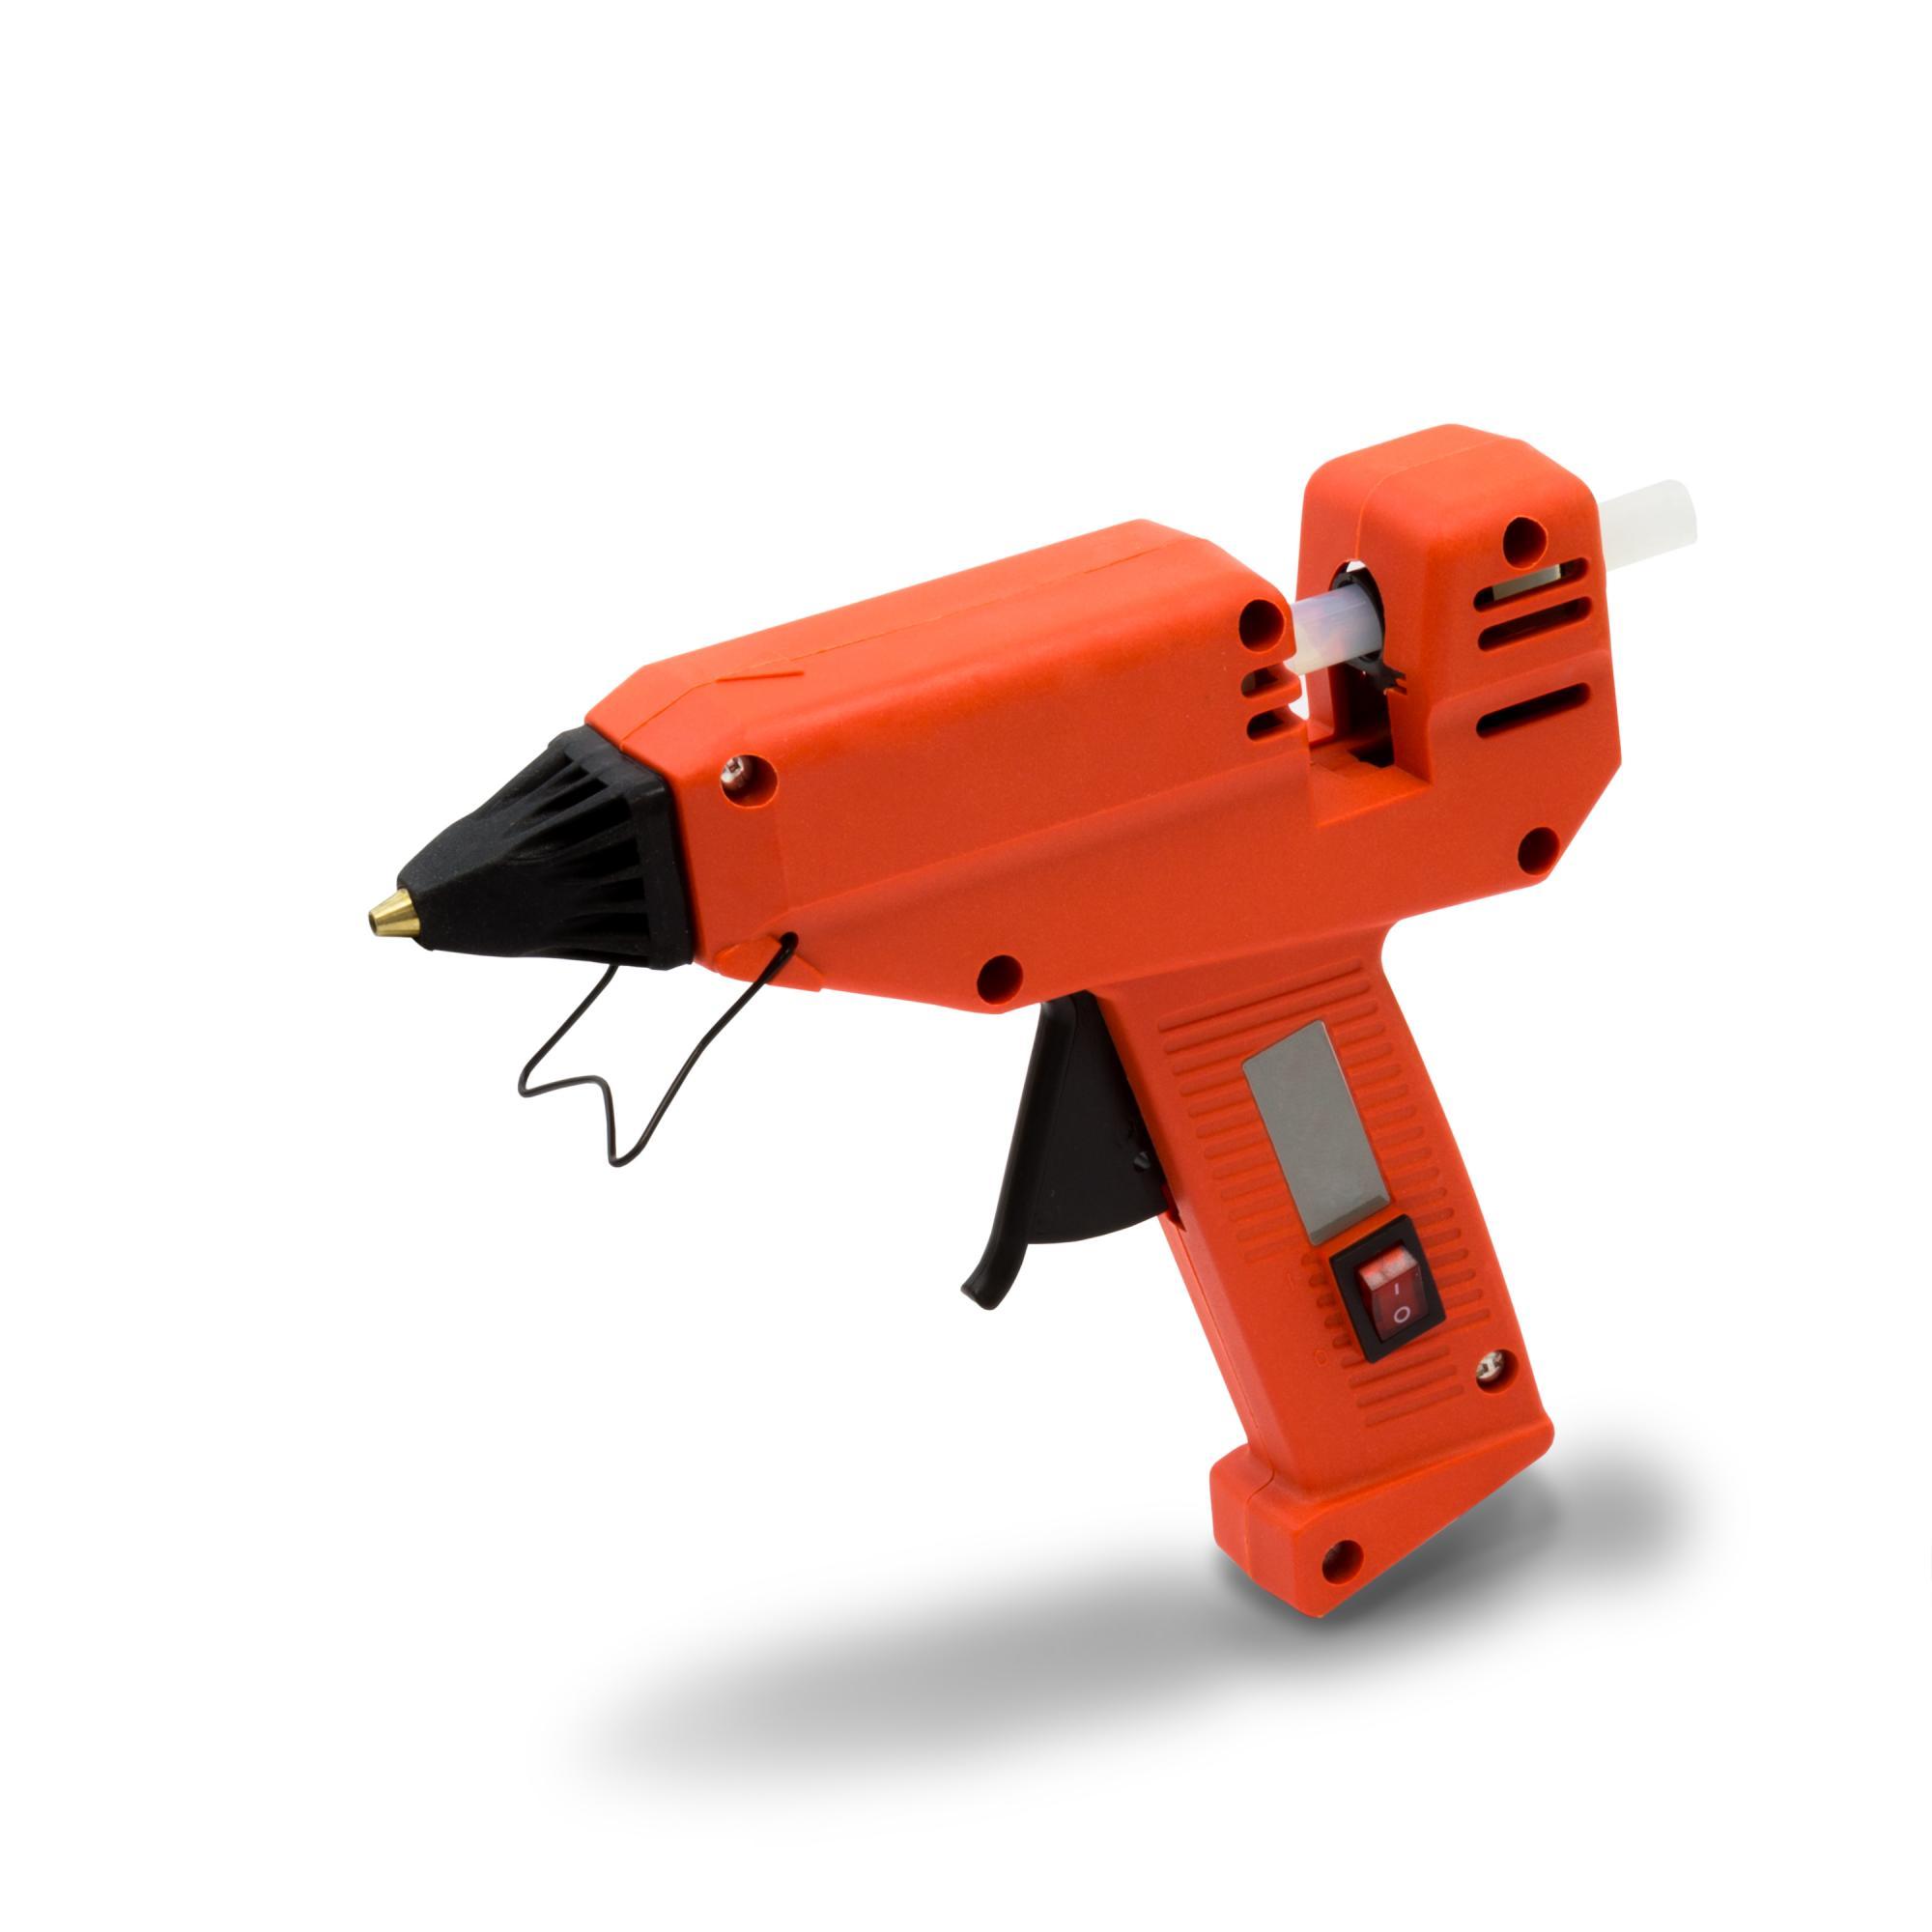 180 watt heißklebepistole inkl. 2 sticks - 11 mm durchmesser | löten